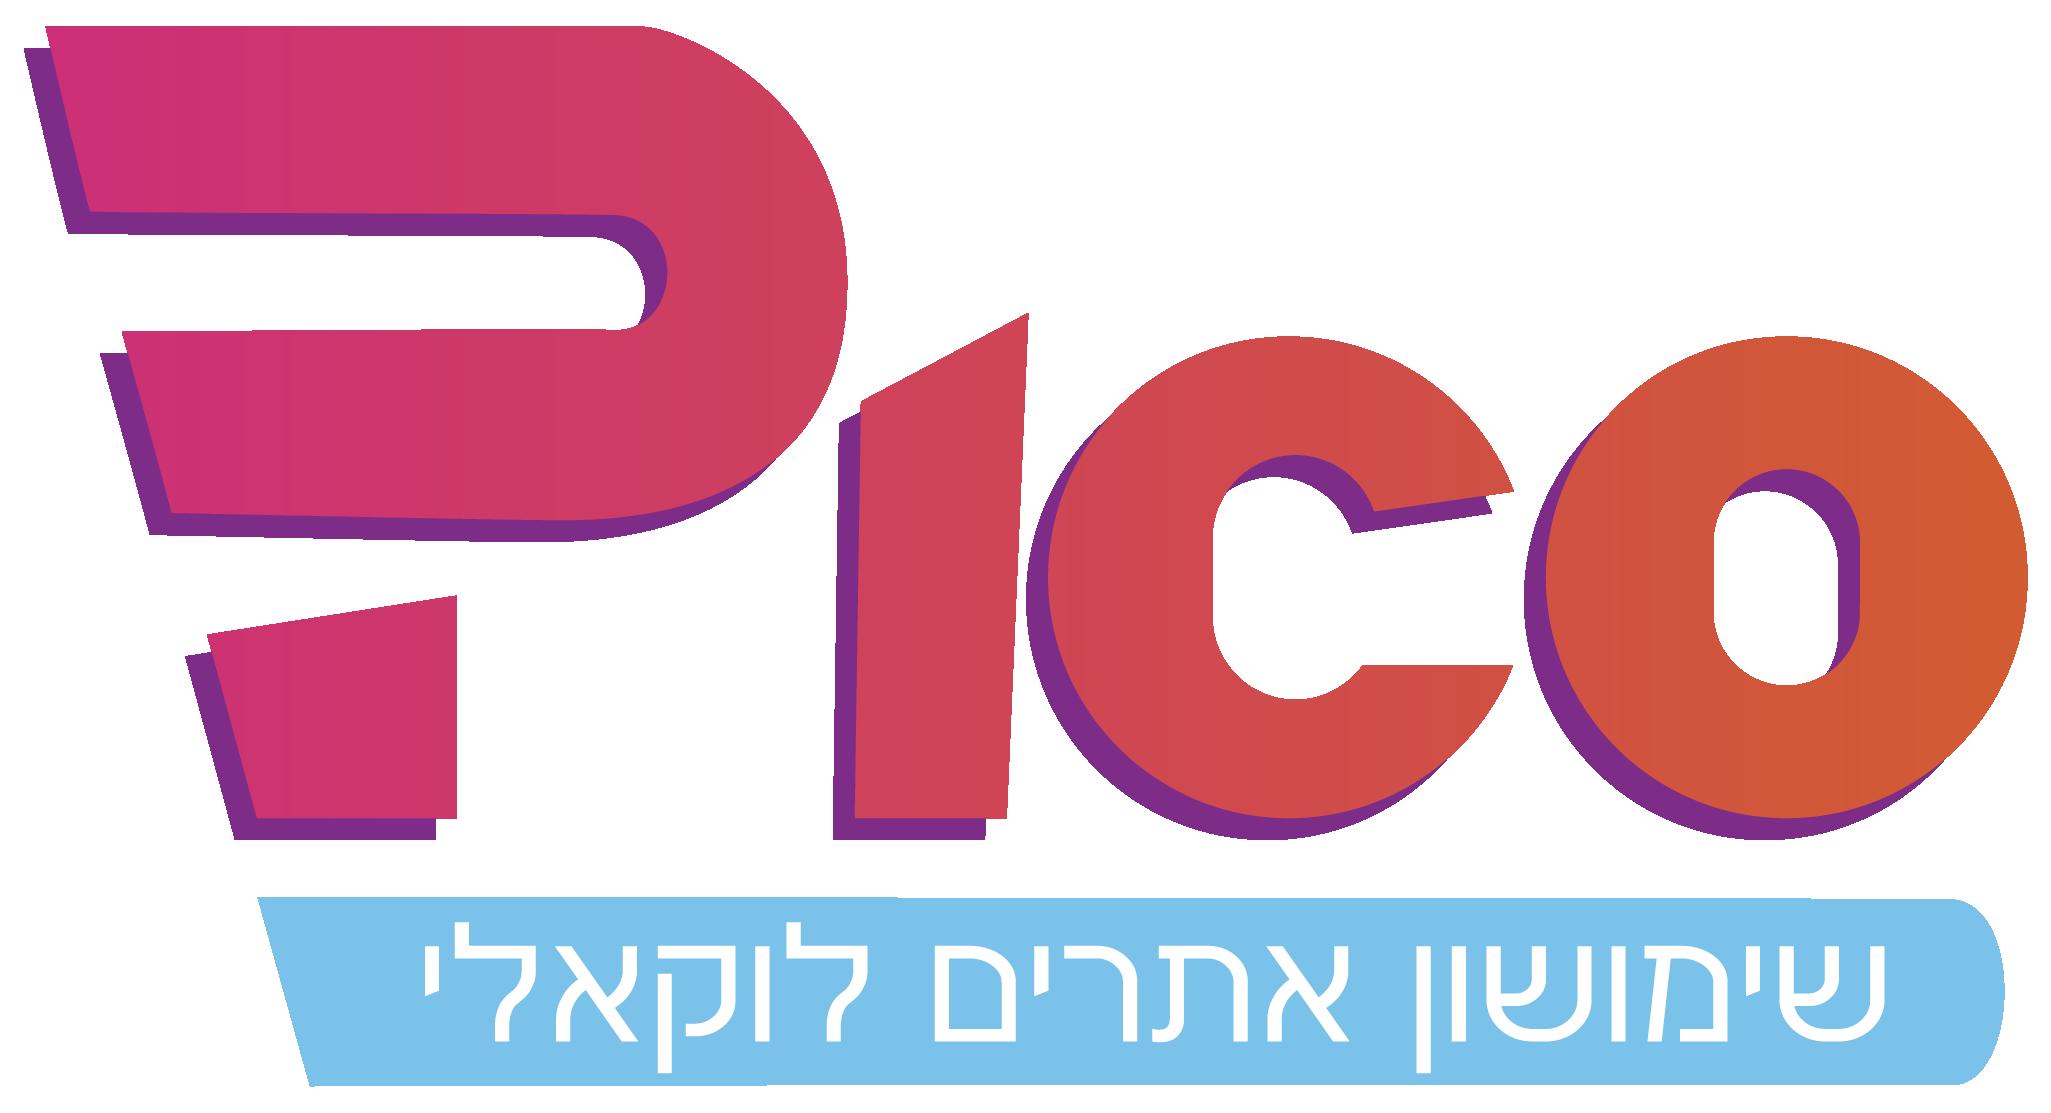 שימושון פיקו – שימושון אתרים לוקאלי